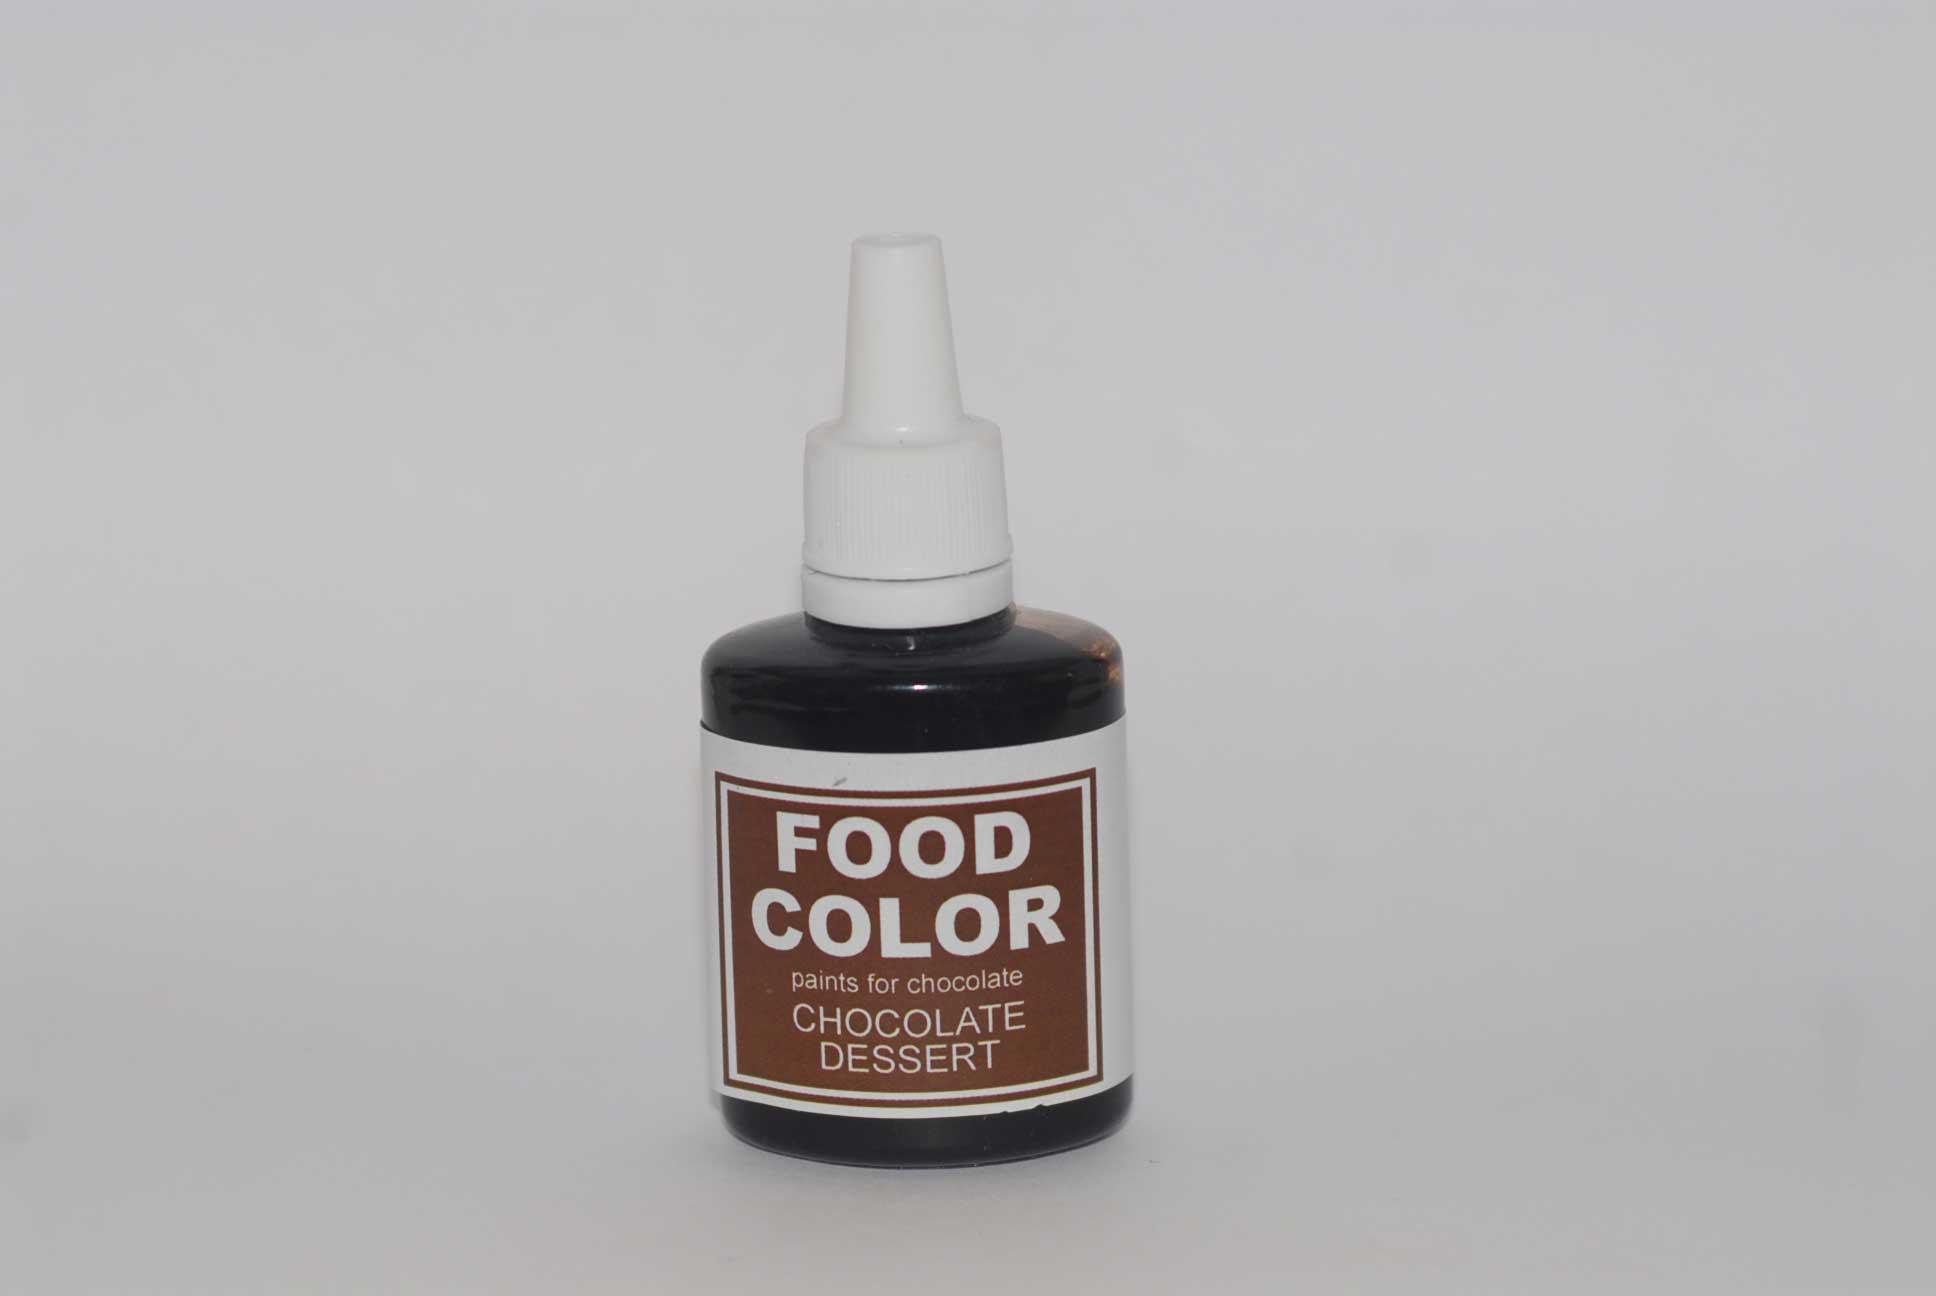 Краситель для шоколада FOOD COLOR Chocolate Dessert / Шоколадный Десерт, 25 гр